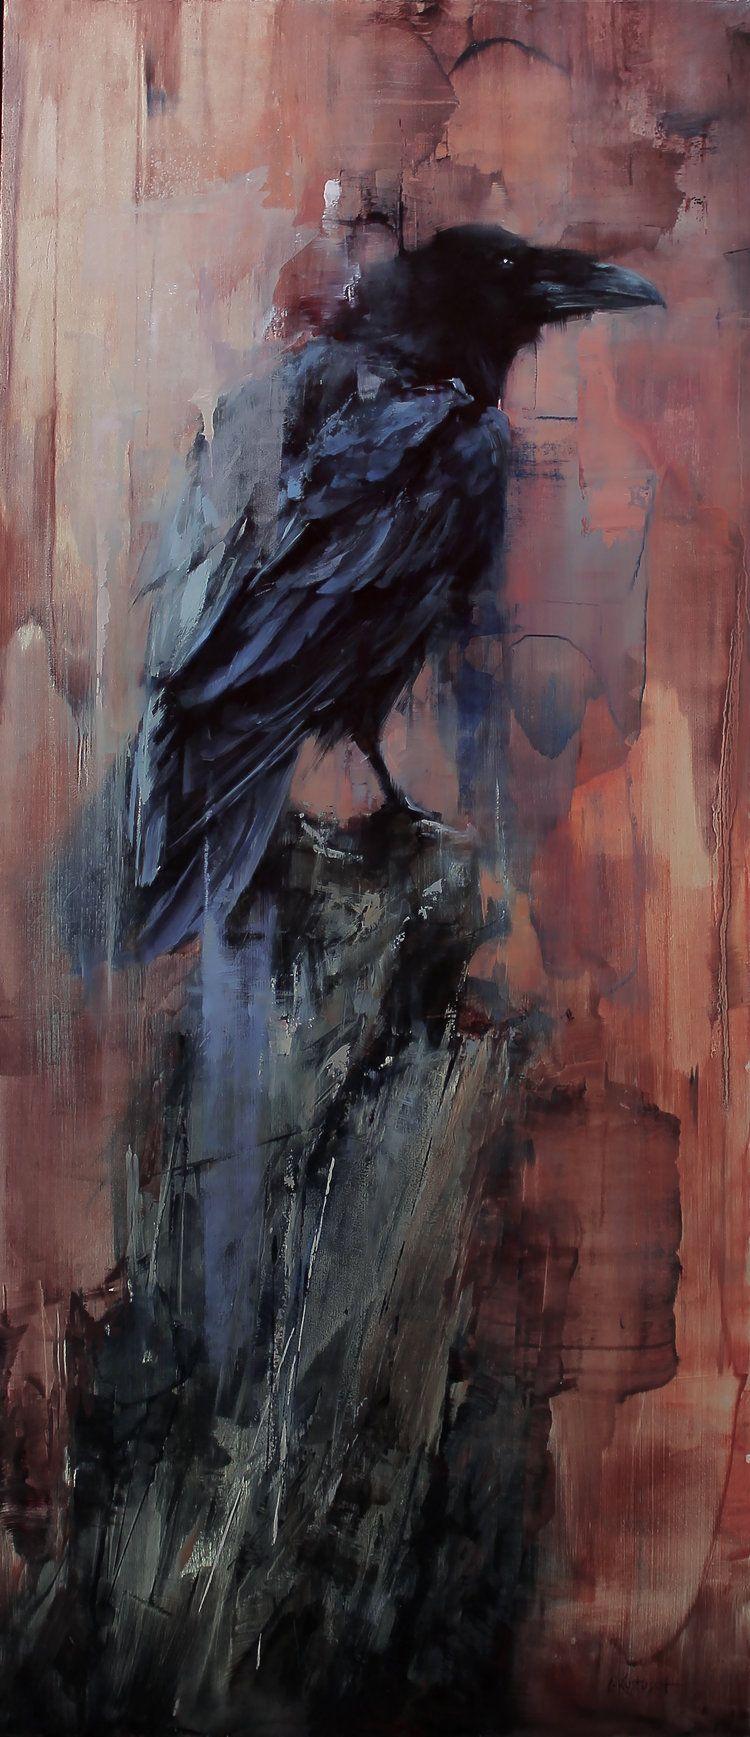 The Lookout | Corbeau en 2019 | Peinture oiseau, Corbeau ...  The Lookout | C...